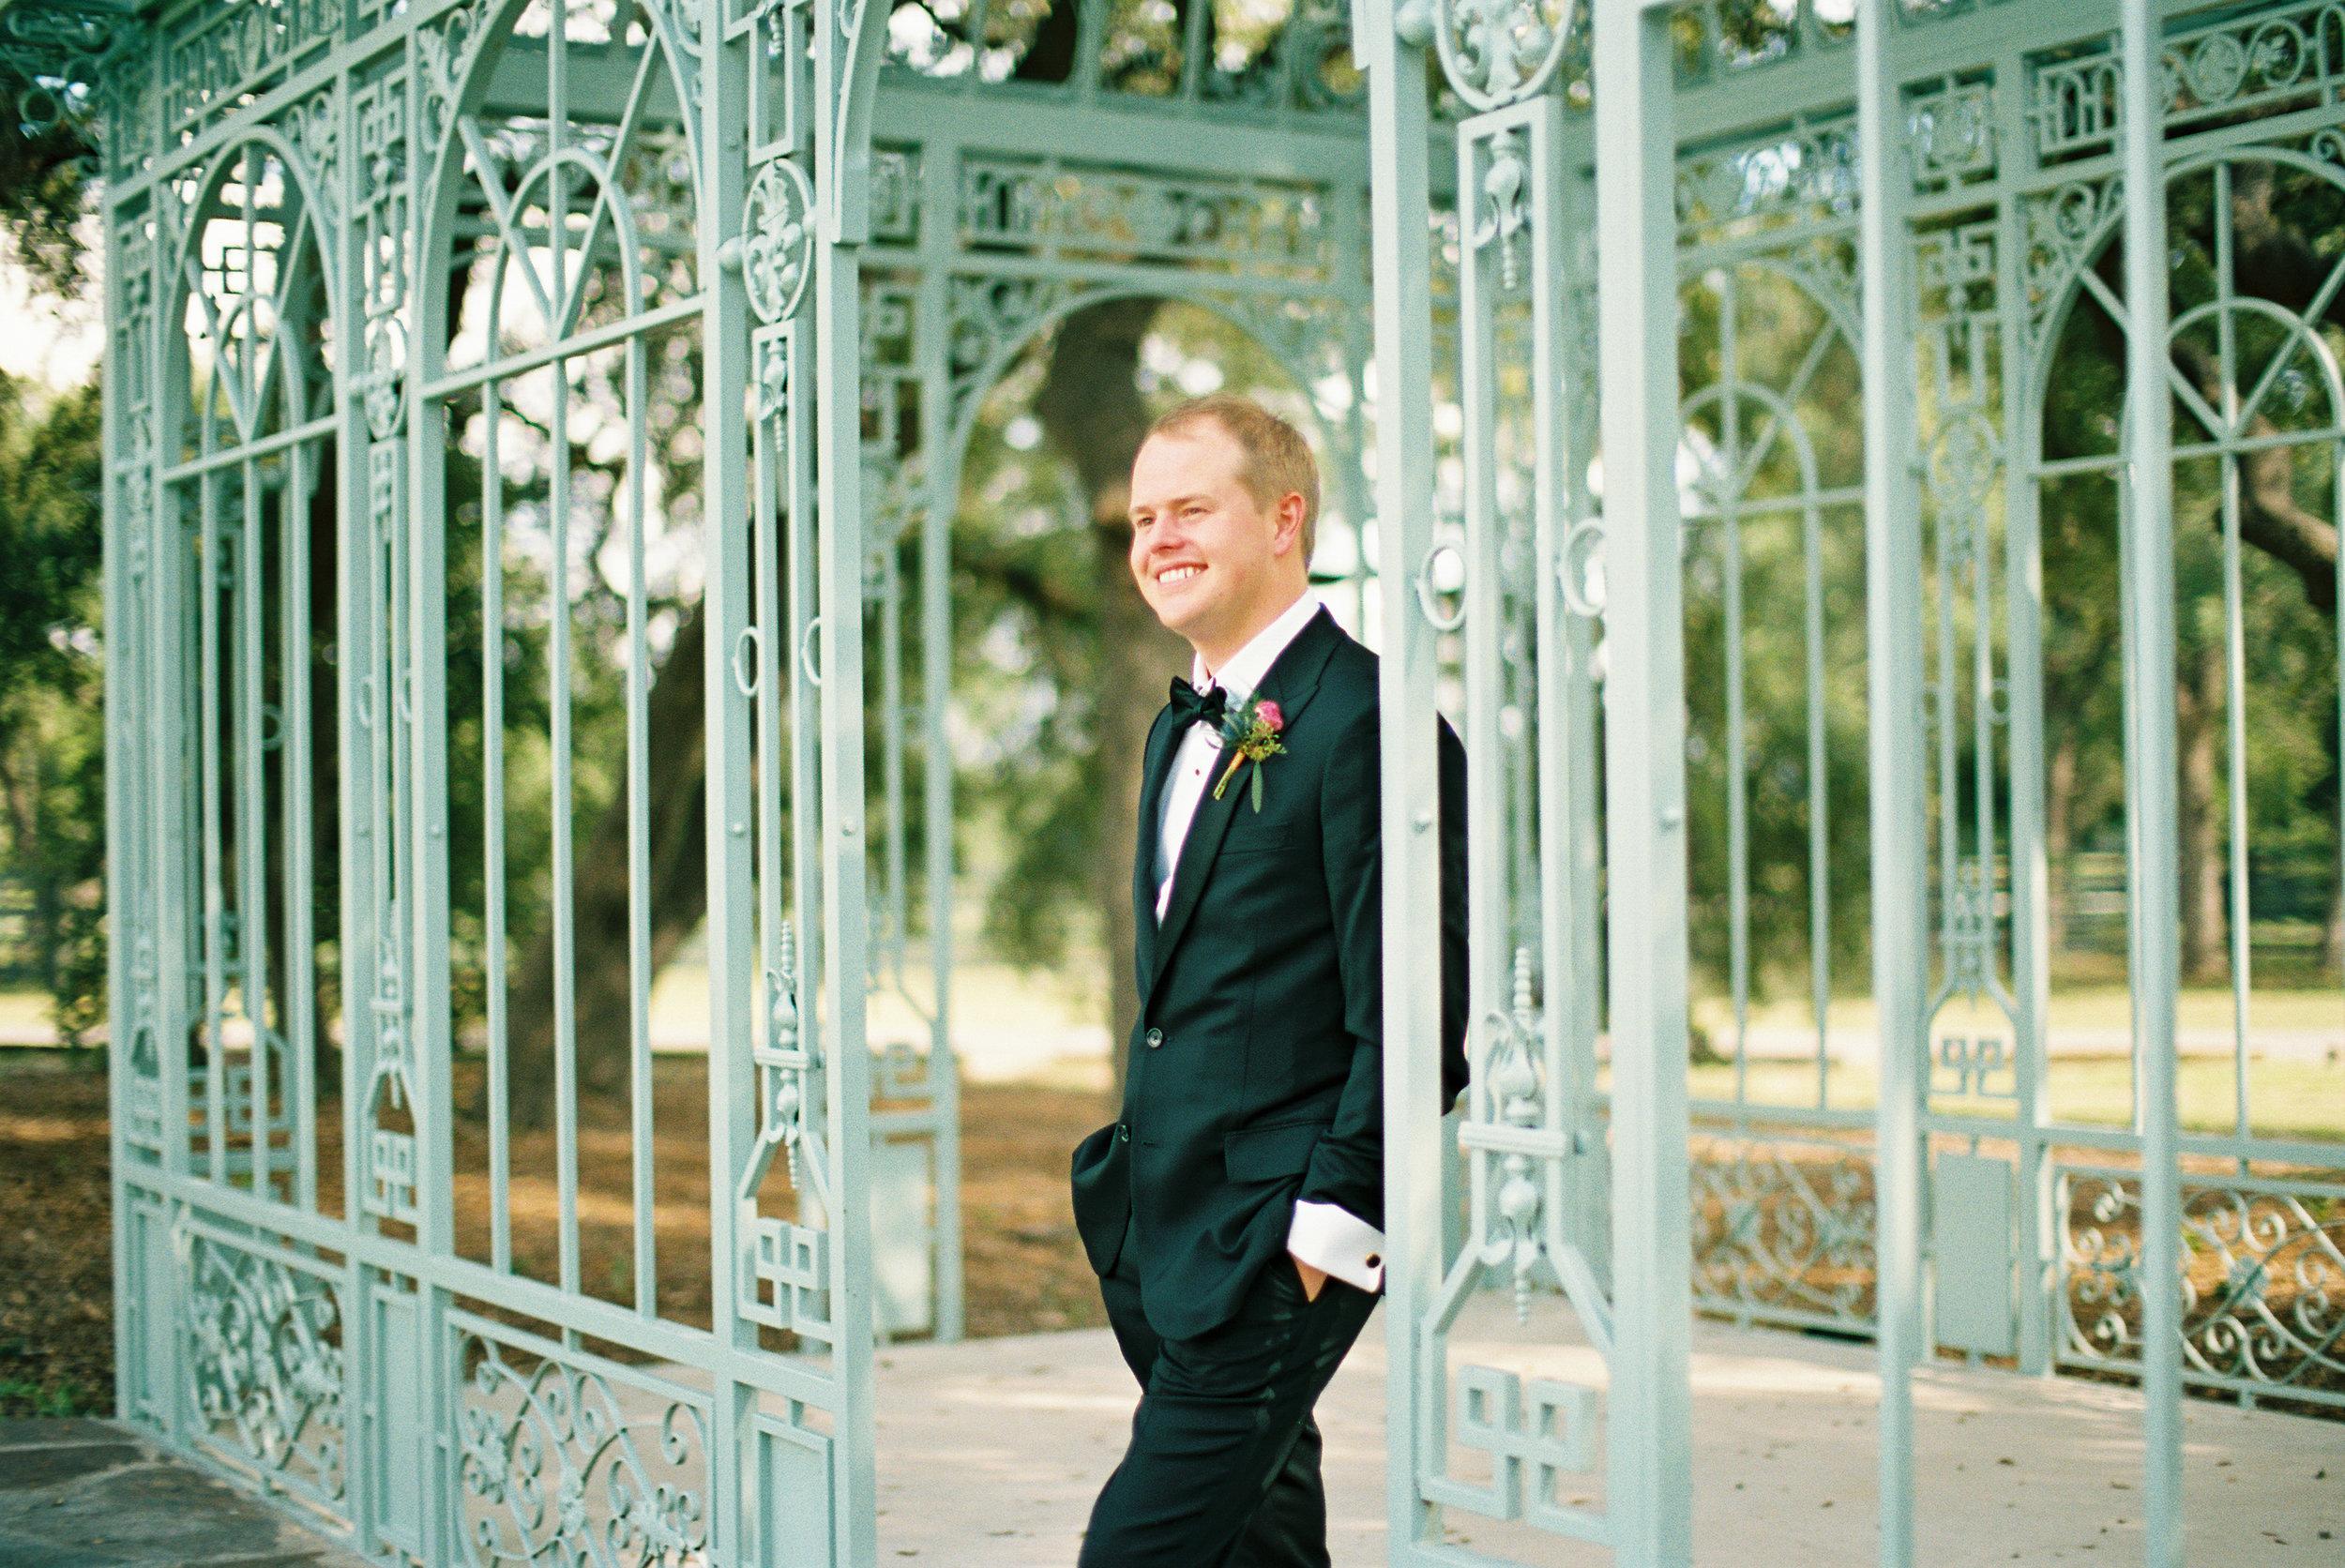 brokke-josh-wedding-138 copy.jpg